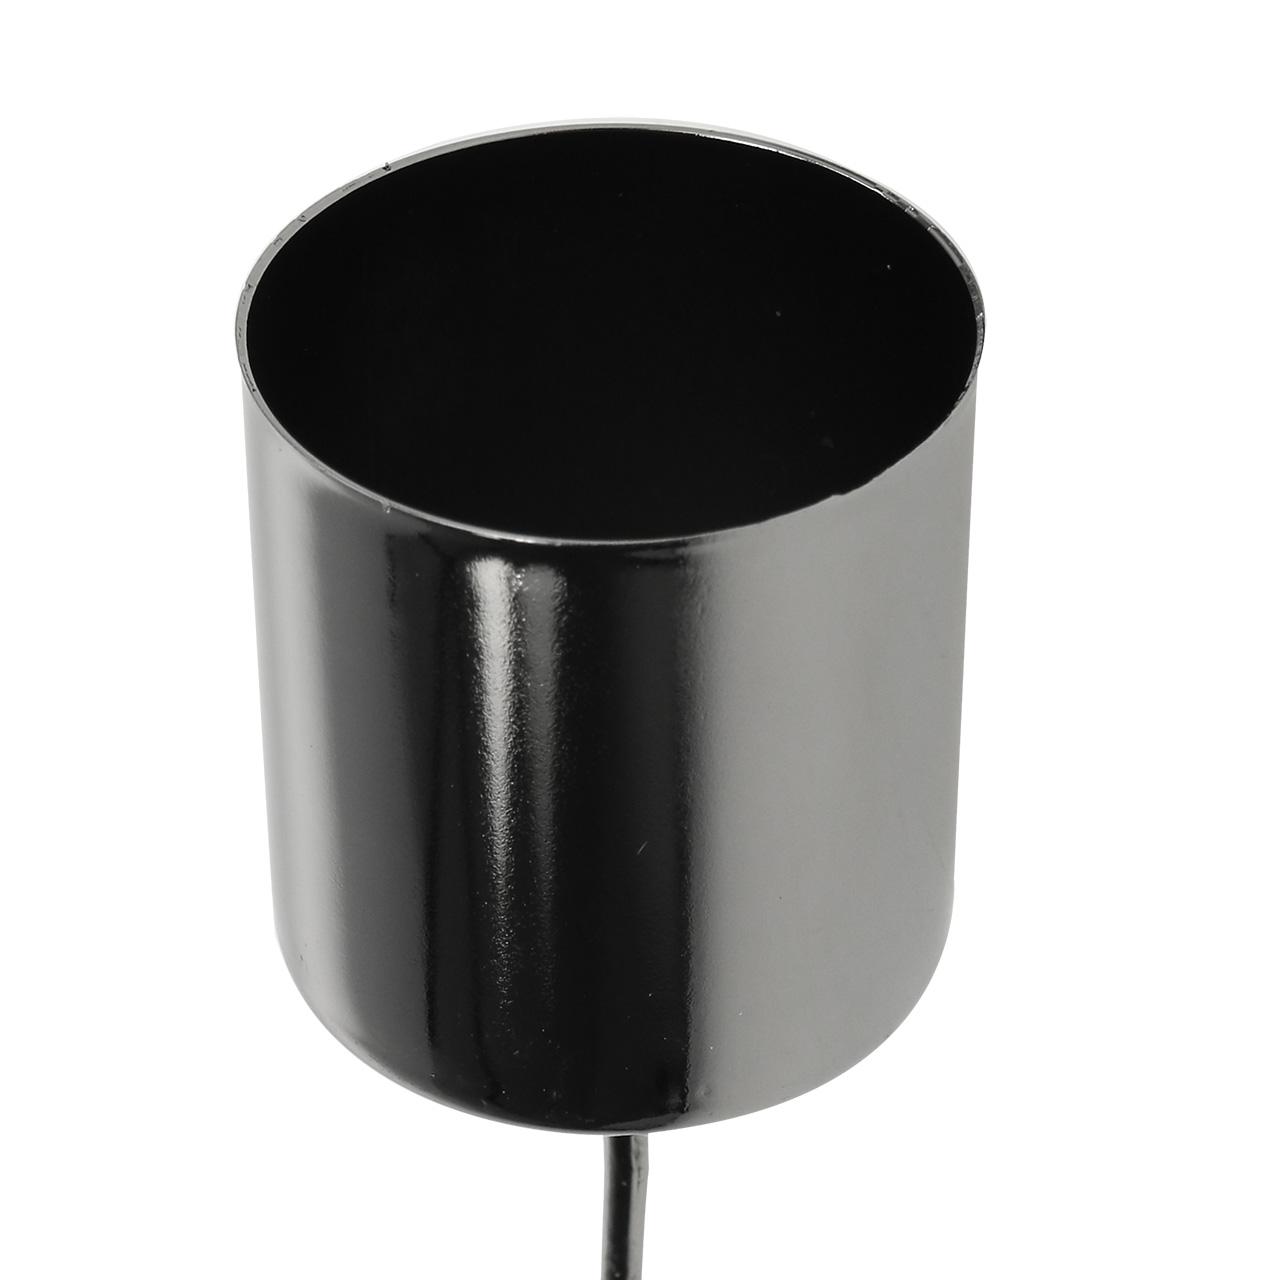 kerzenhalter anthrazit f r stabkerzen 3 5cm h4cm 4st preiswert online kaufen. Black Bedroom Furniture Sets. Home Design Ideas